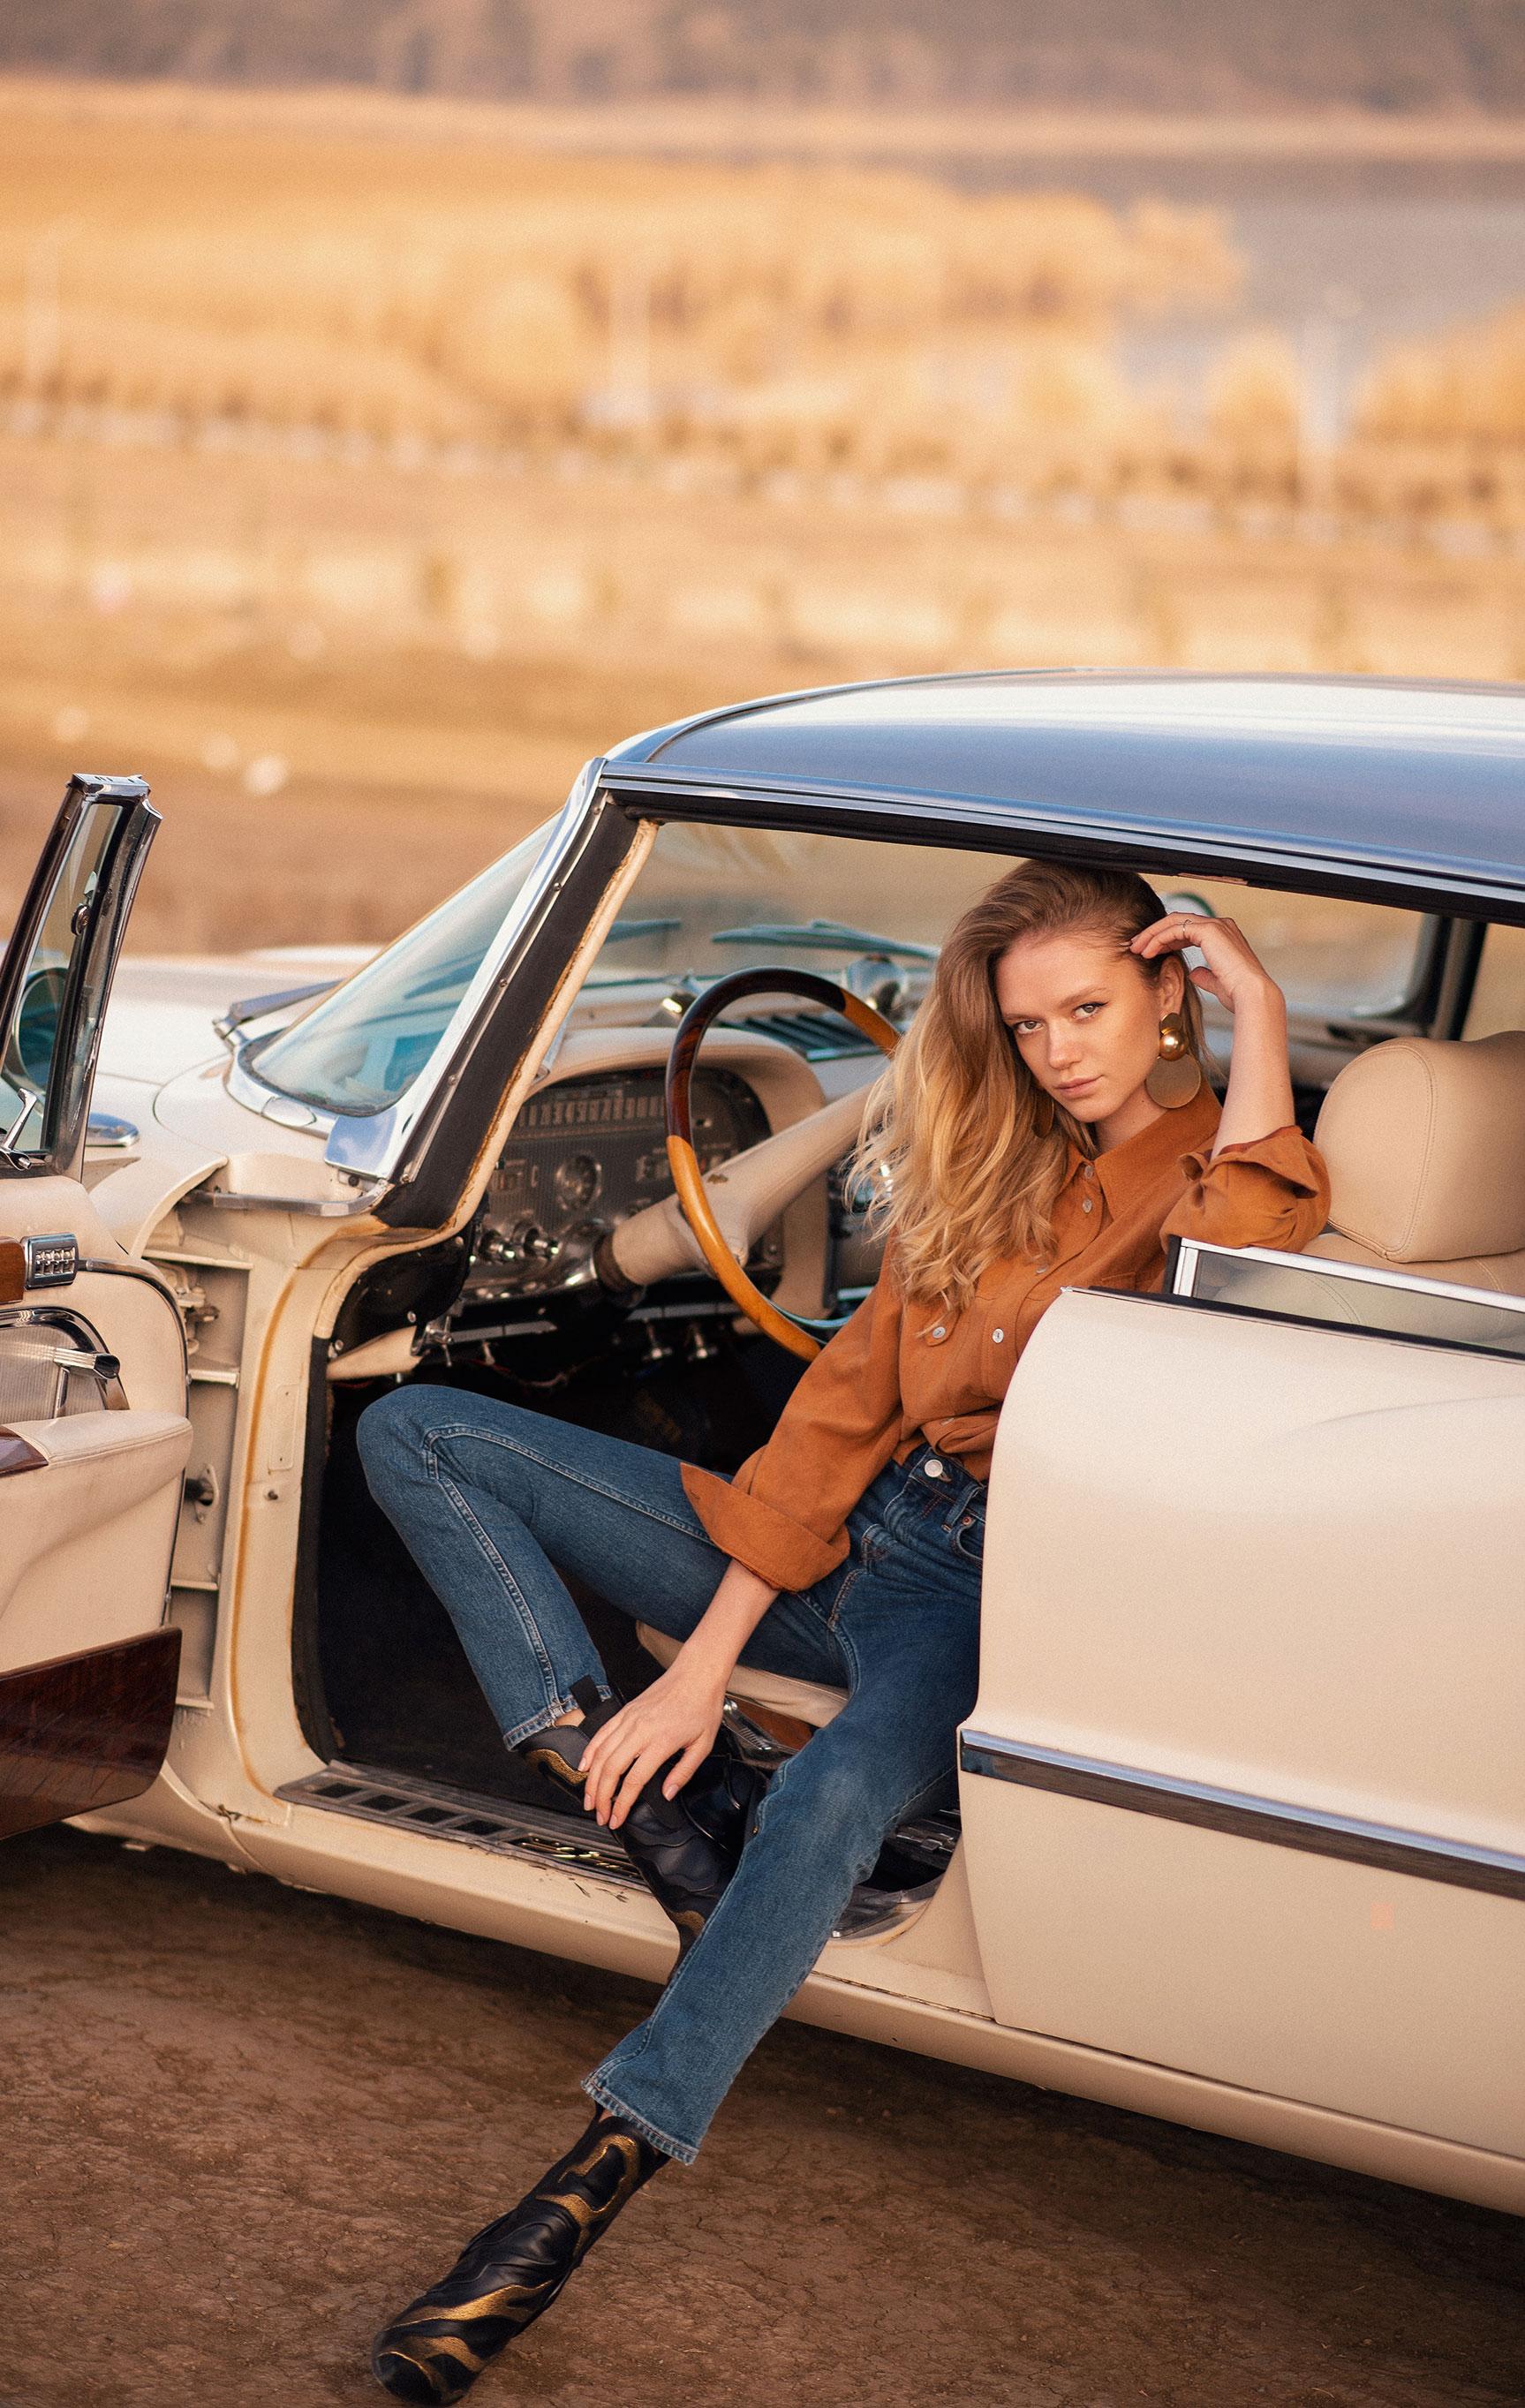 Диана Катова с подругой совершают автопробег по пустыне / фото 10